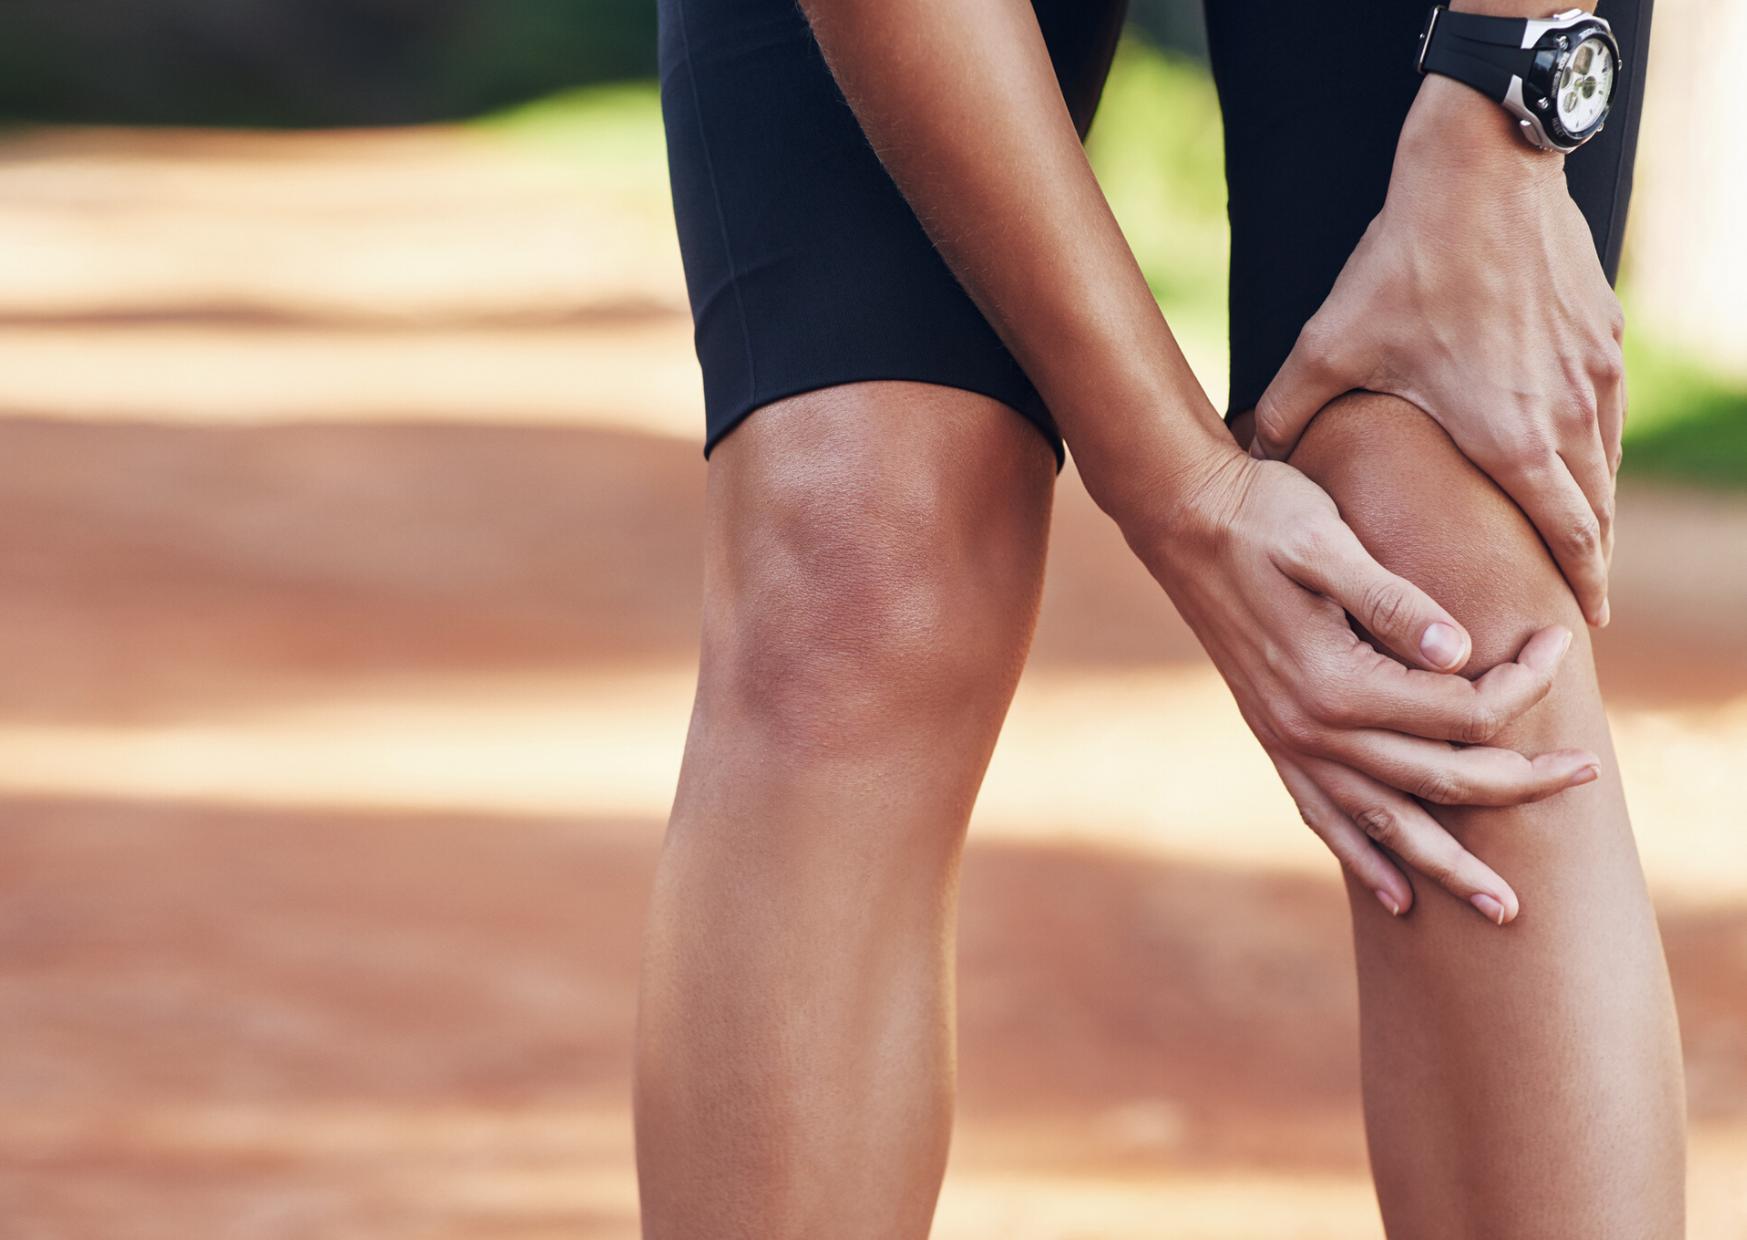 Sarok és talpfájdalom kezelése talpbetéttel és lökéshullámmal esettanulmány